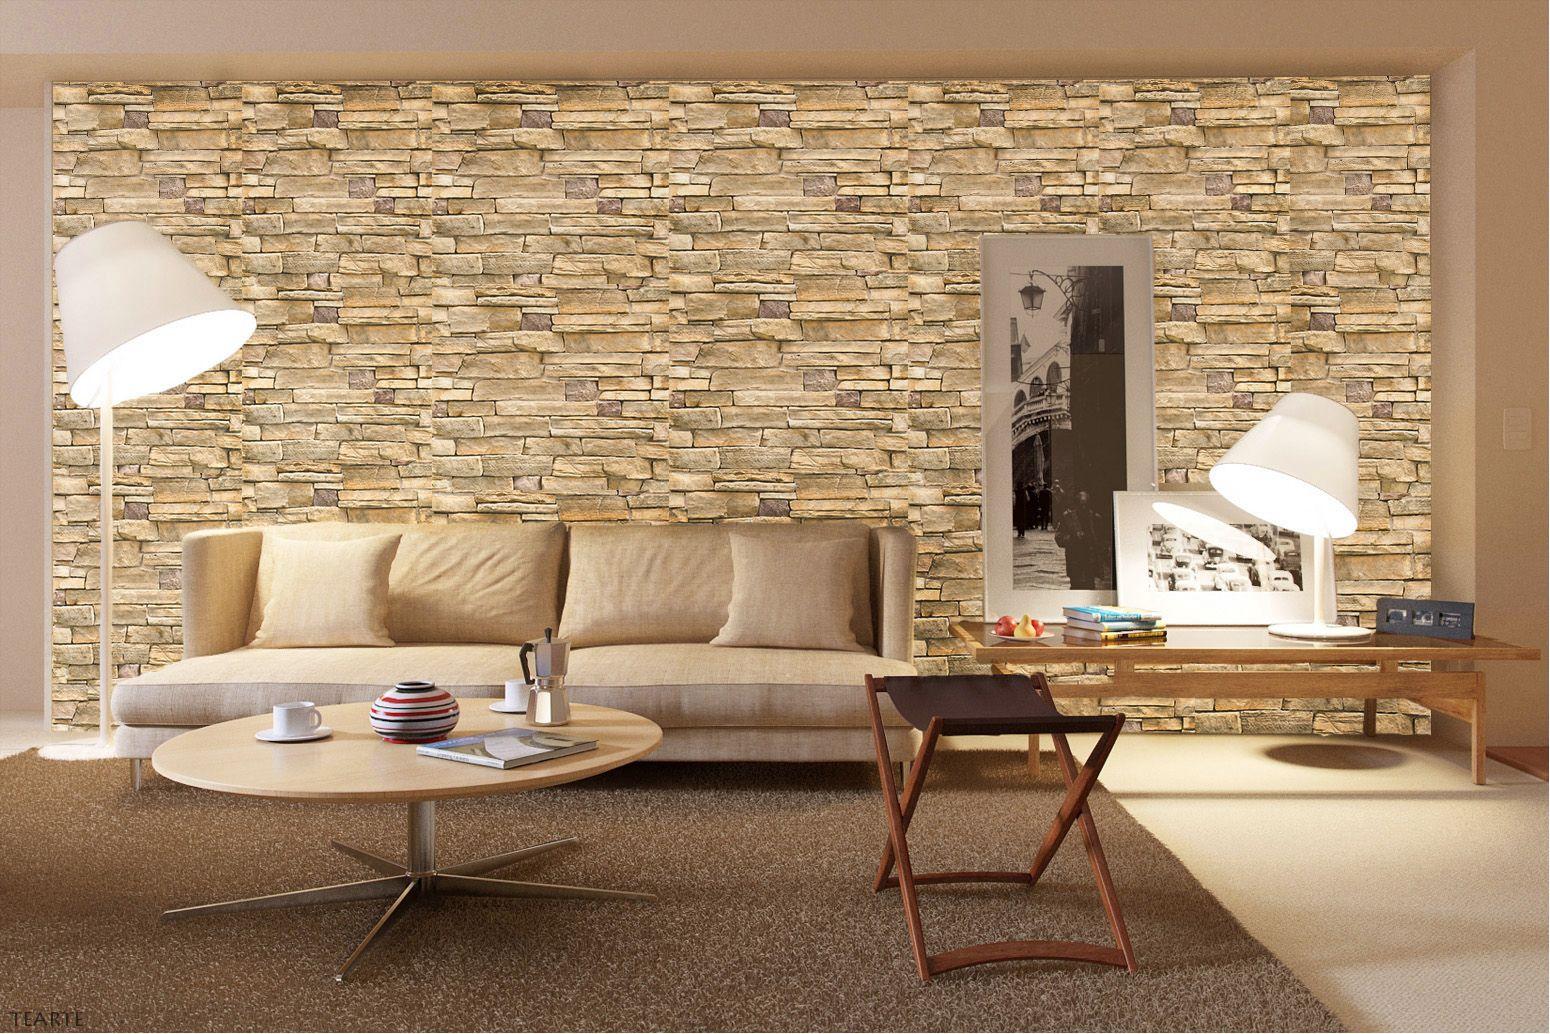 Living con papel mural de piedras beige ideas para tus - Papel decorativo para pared ...